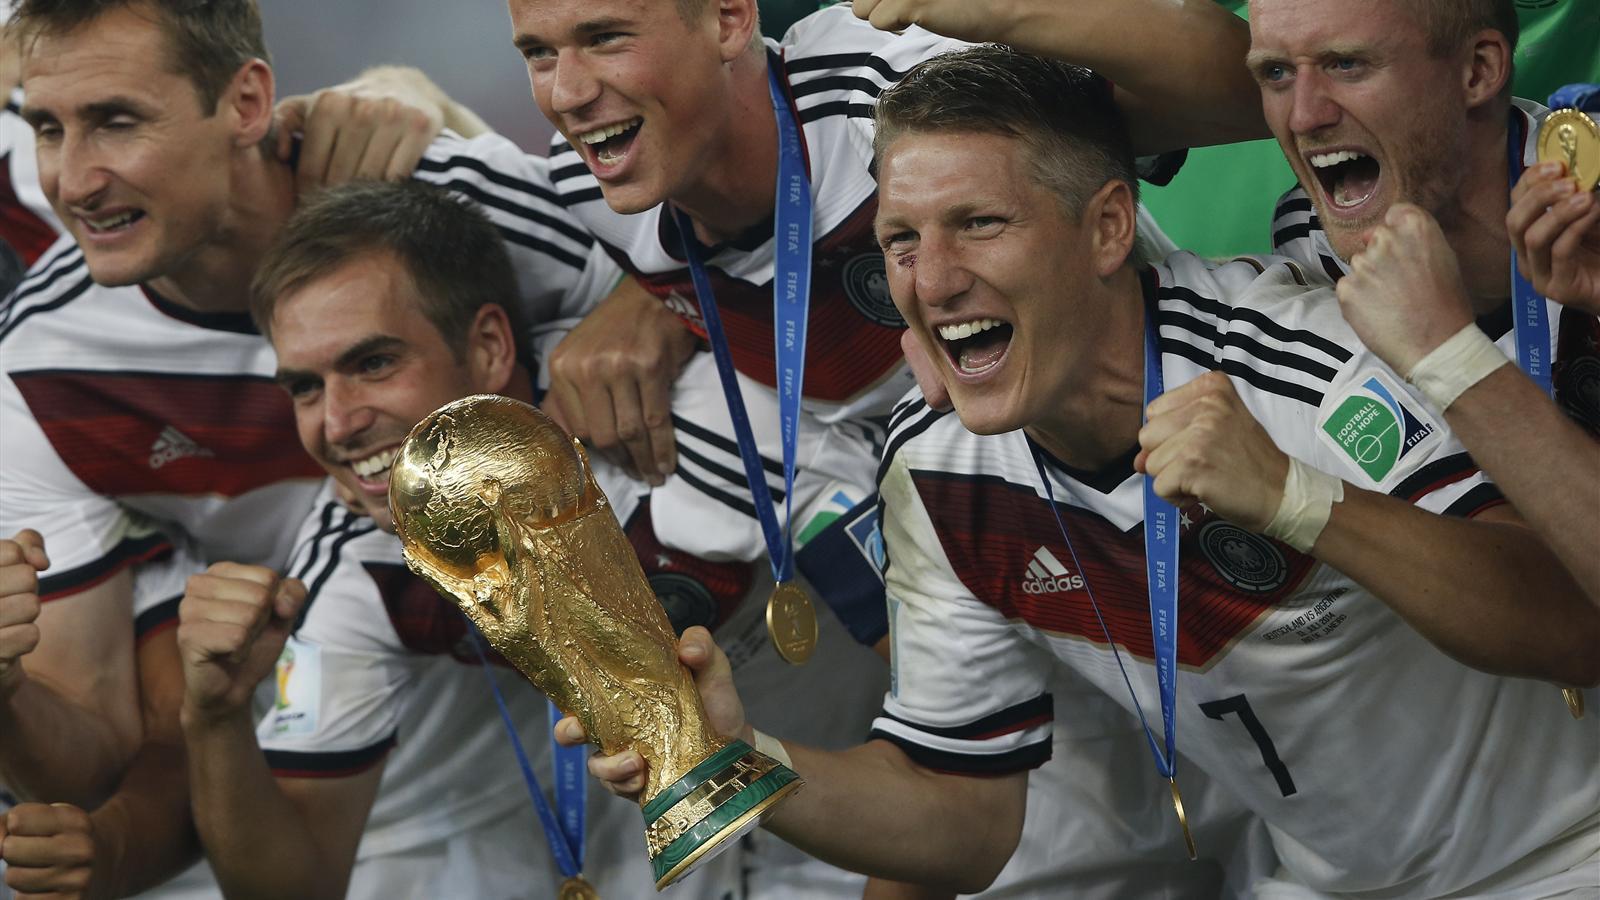 Coupe du monde: La presse critique la Nationalmannschaft